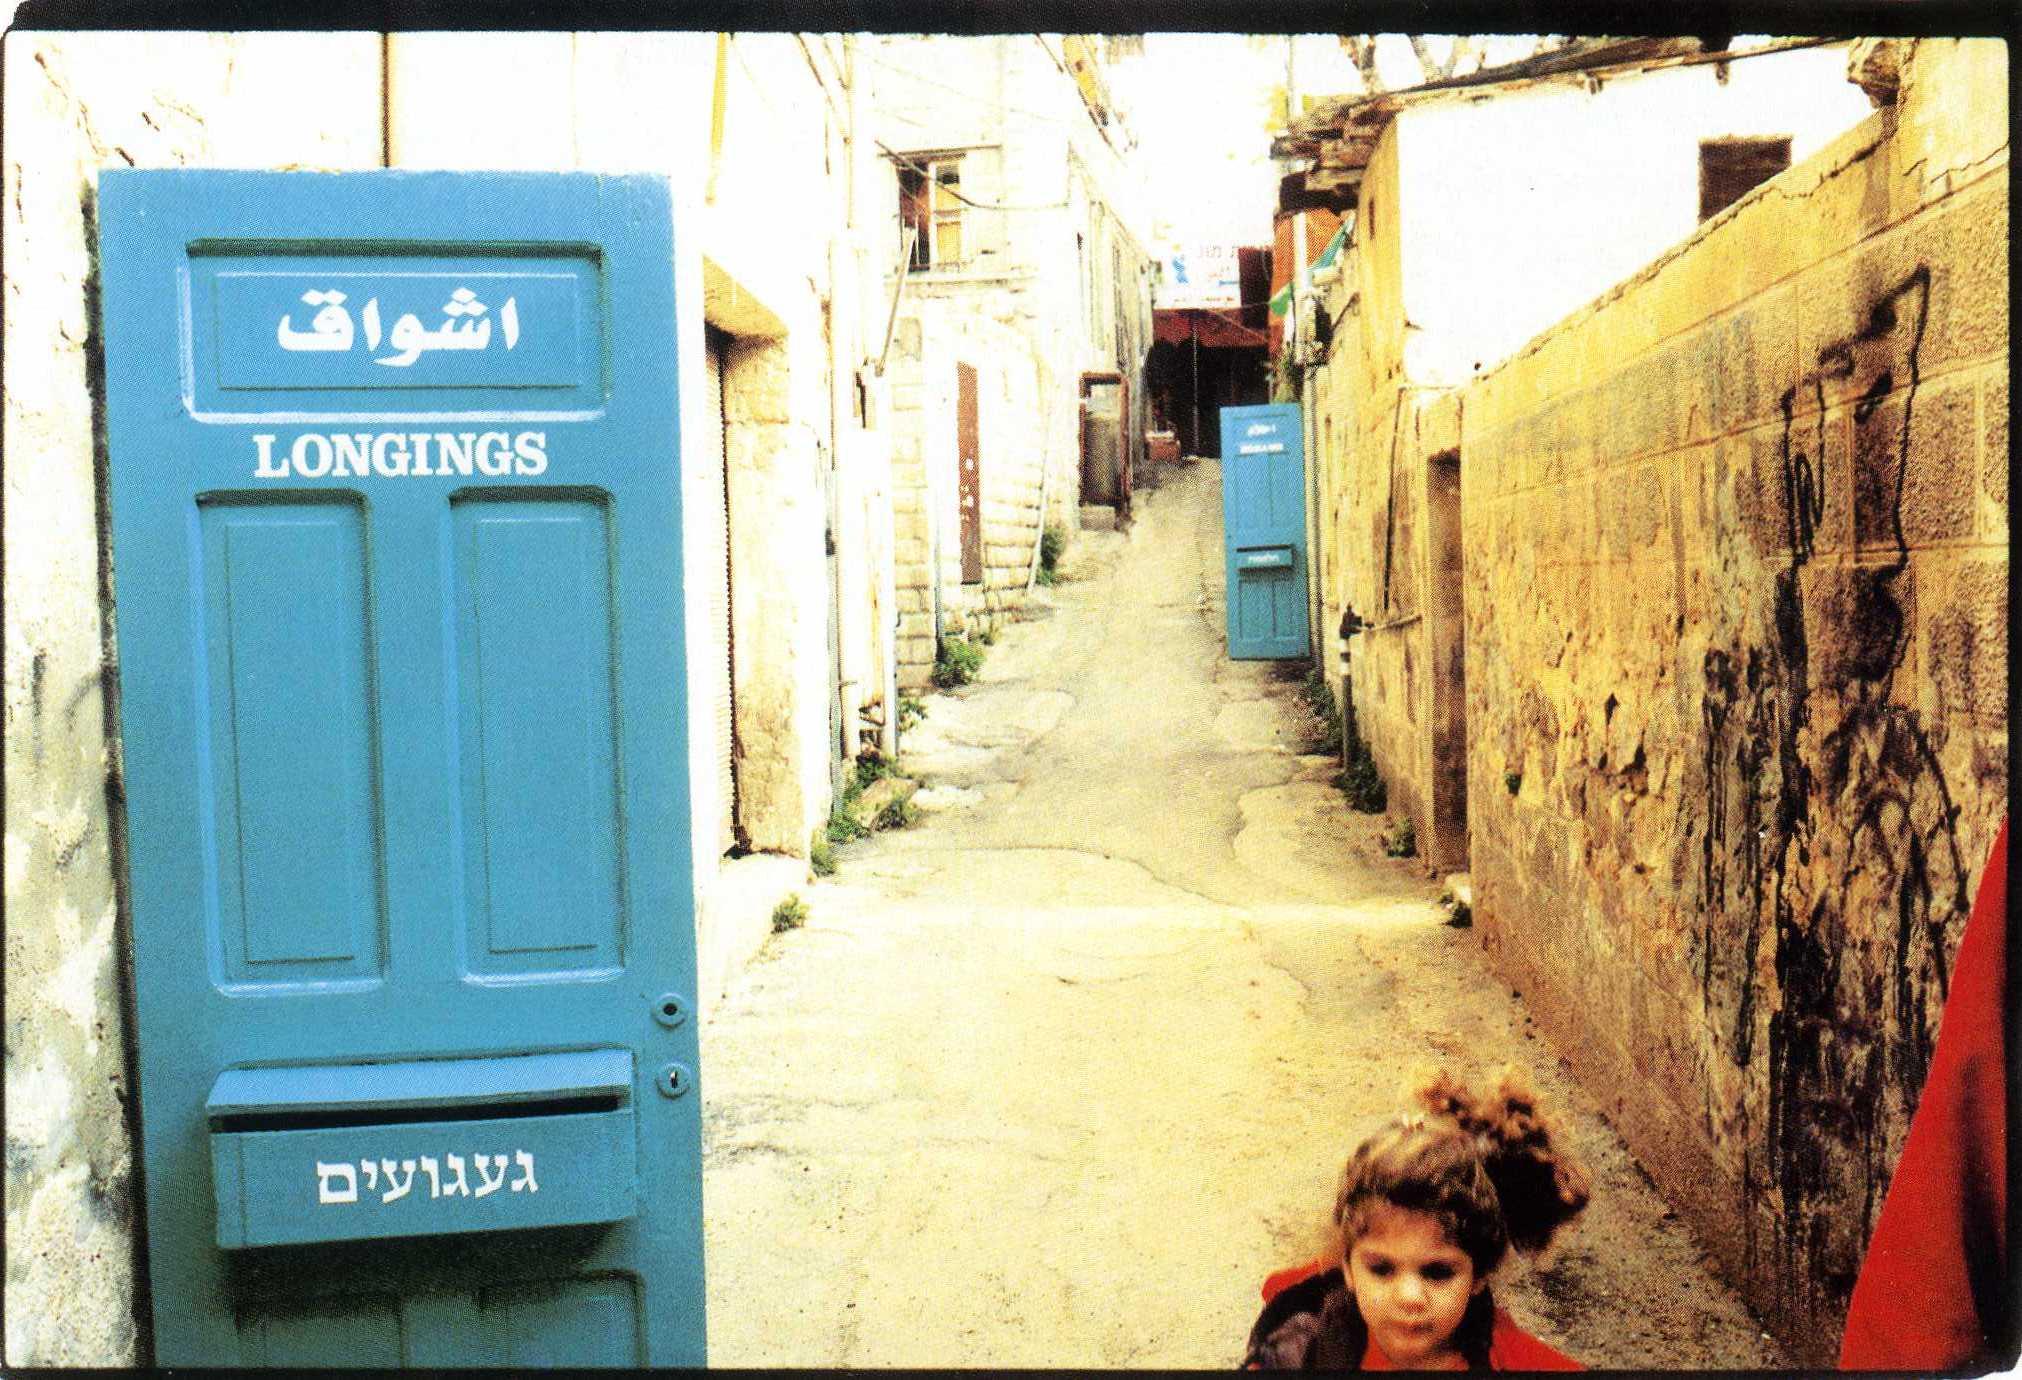 אברהם-אילת-געגועים-1996-צילום-מיקי-קרצמן-ואלדד-רפאלי